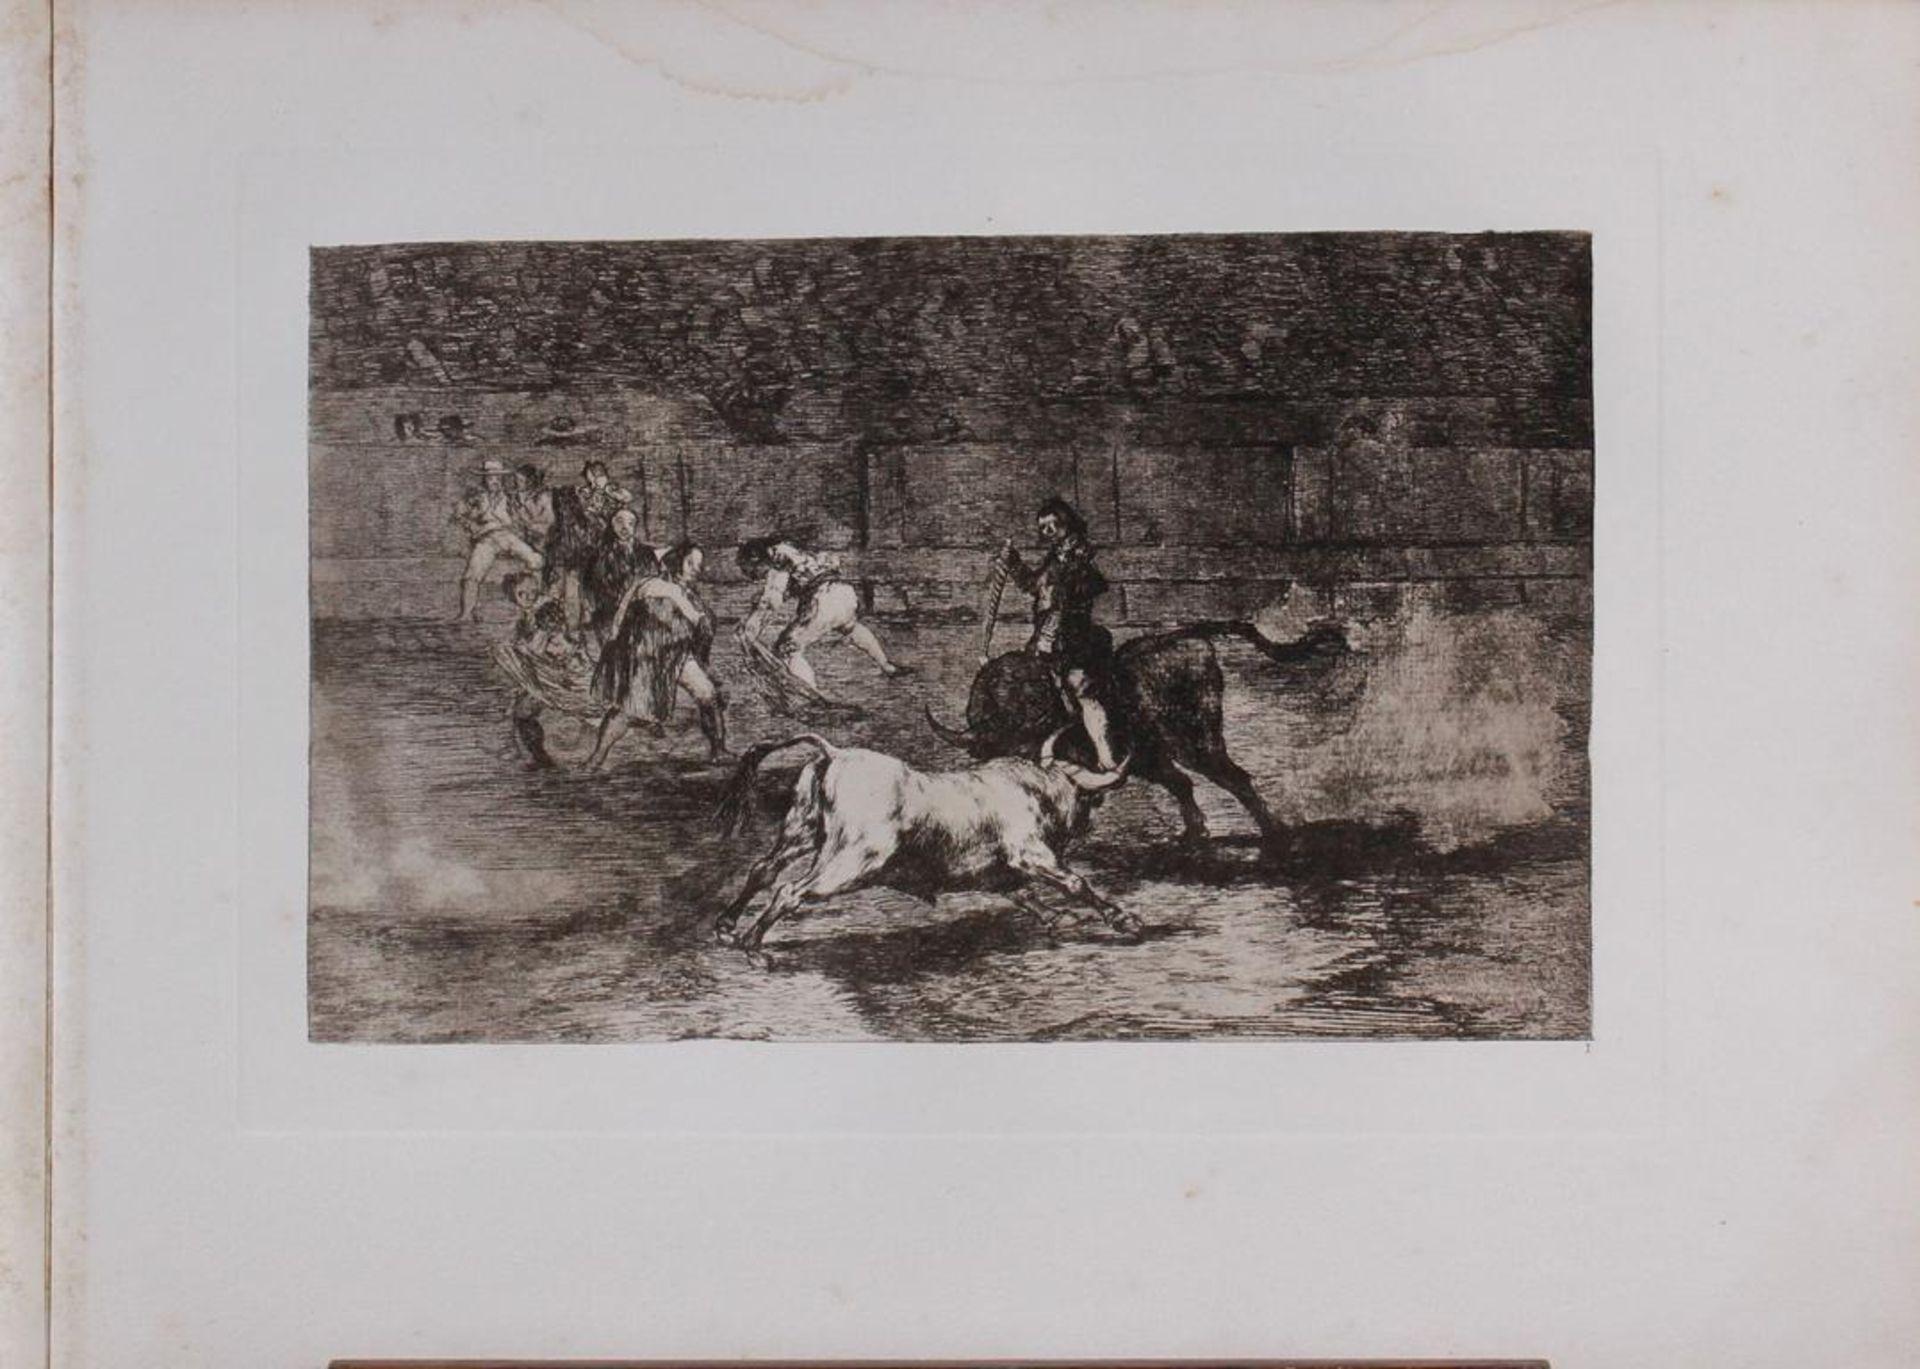 Francisco de Goya (1746 - 1828)Aquatintaradierung 19. Jahrhundert. Stierkampf.Plattenmaß ca. 24,5